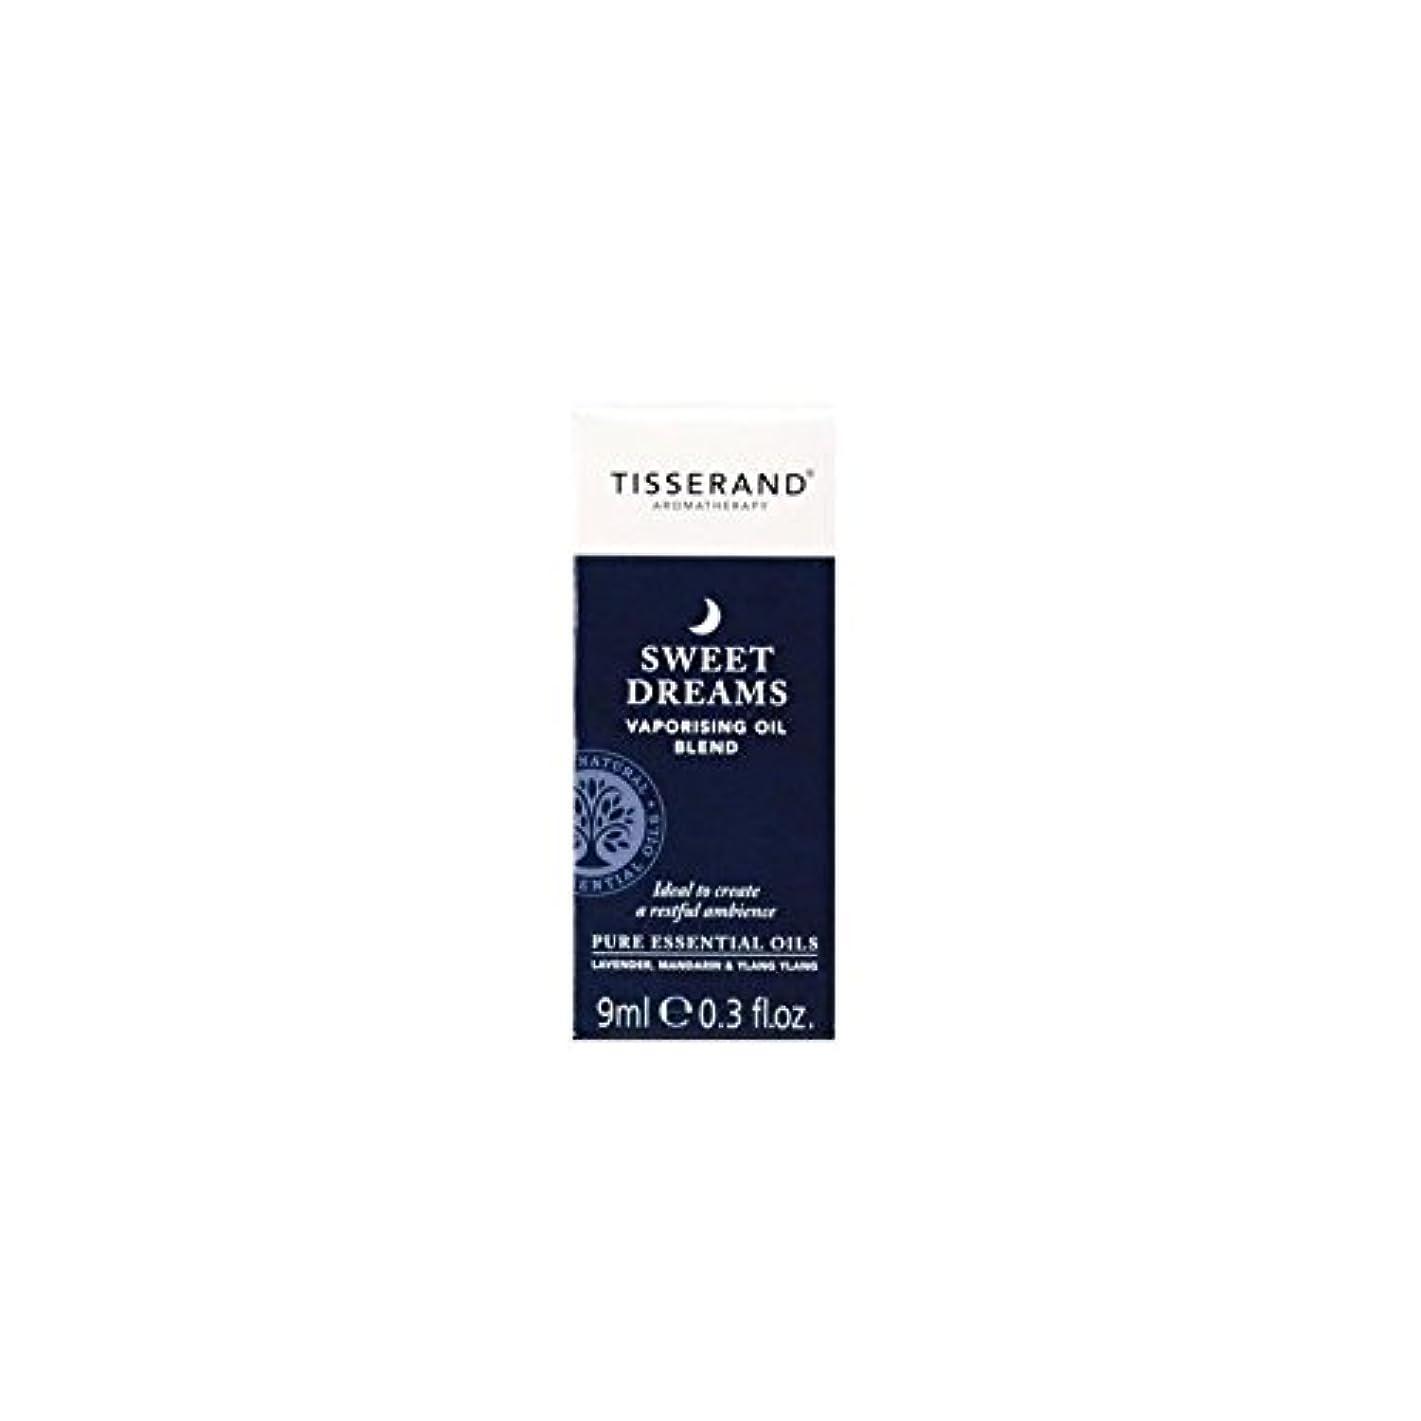 ポンド改善絶えずオイル9ミリリットルを気化甘い夢 (Tisserand) - Tisserand Sweet Dreams Vaporising Oil 9ml [並行輸入品]